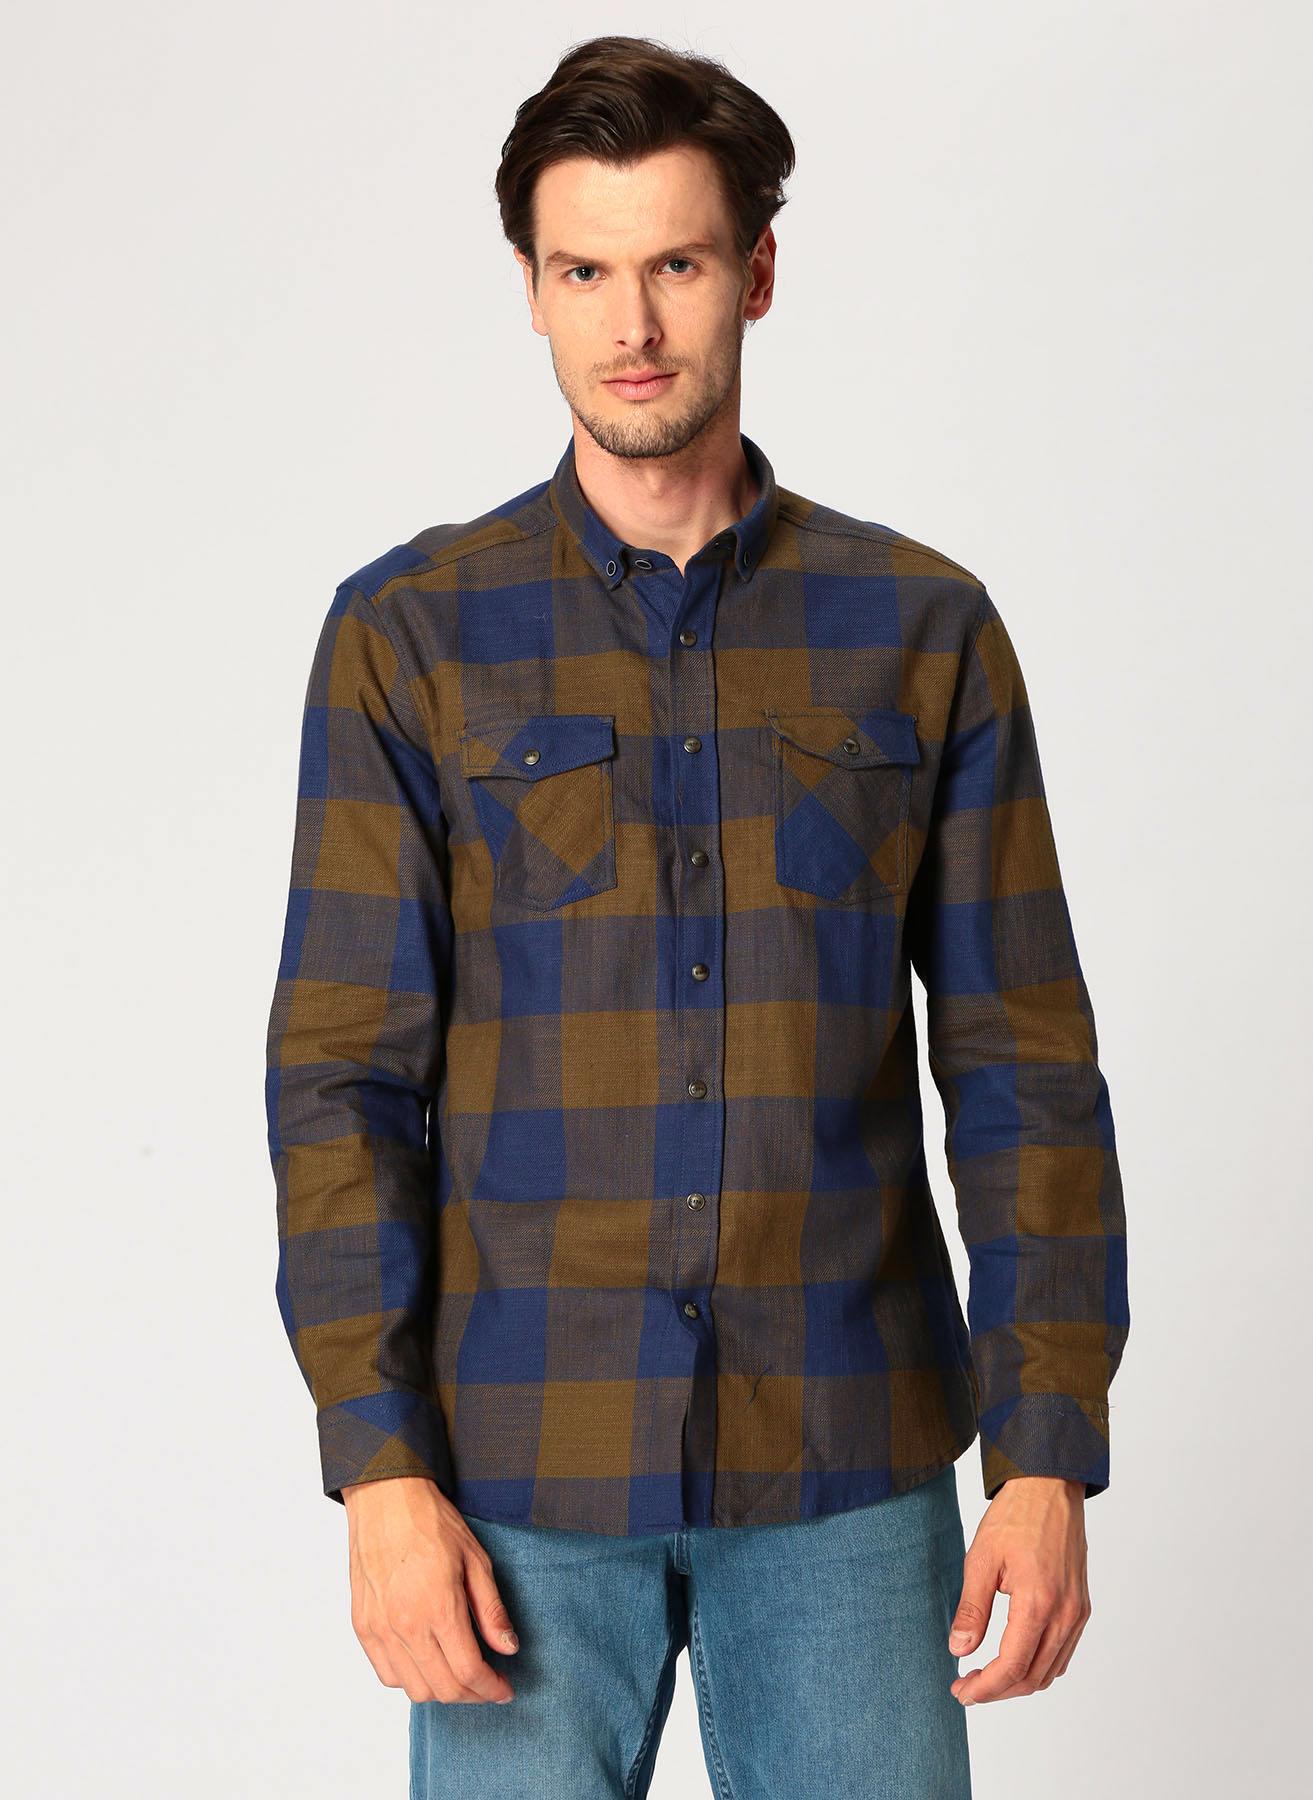 U.S. Polo Assn. Haki Gömlek S 5001704597001 Ürün Resmi